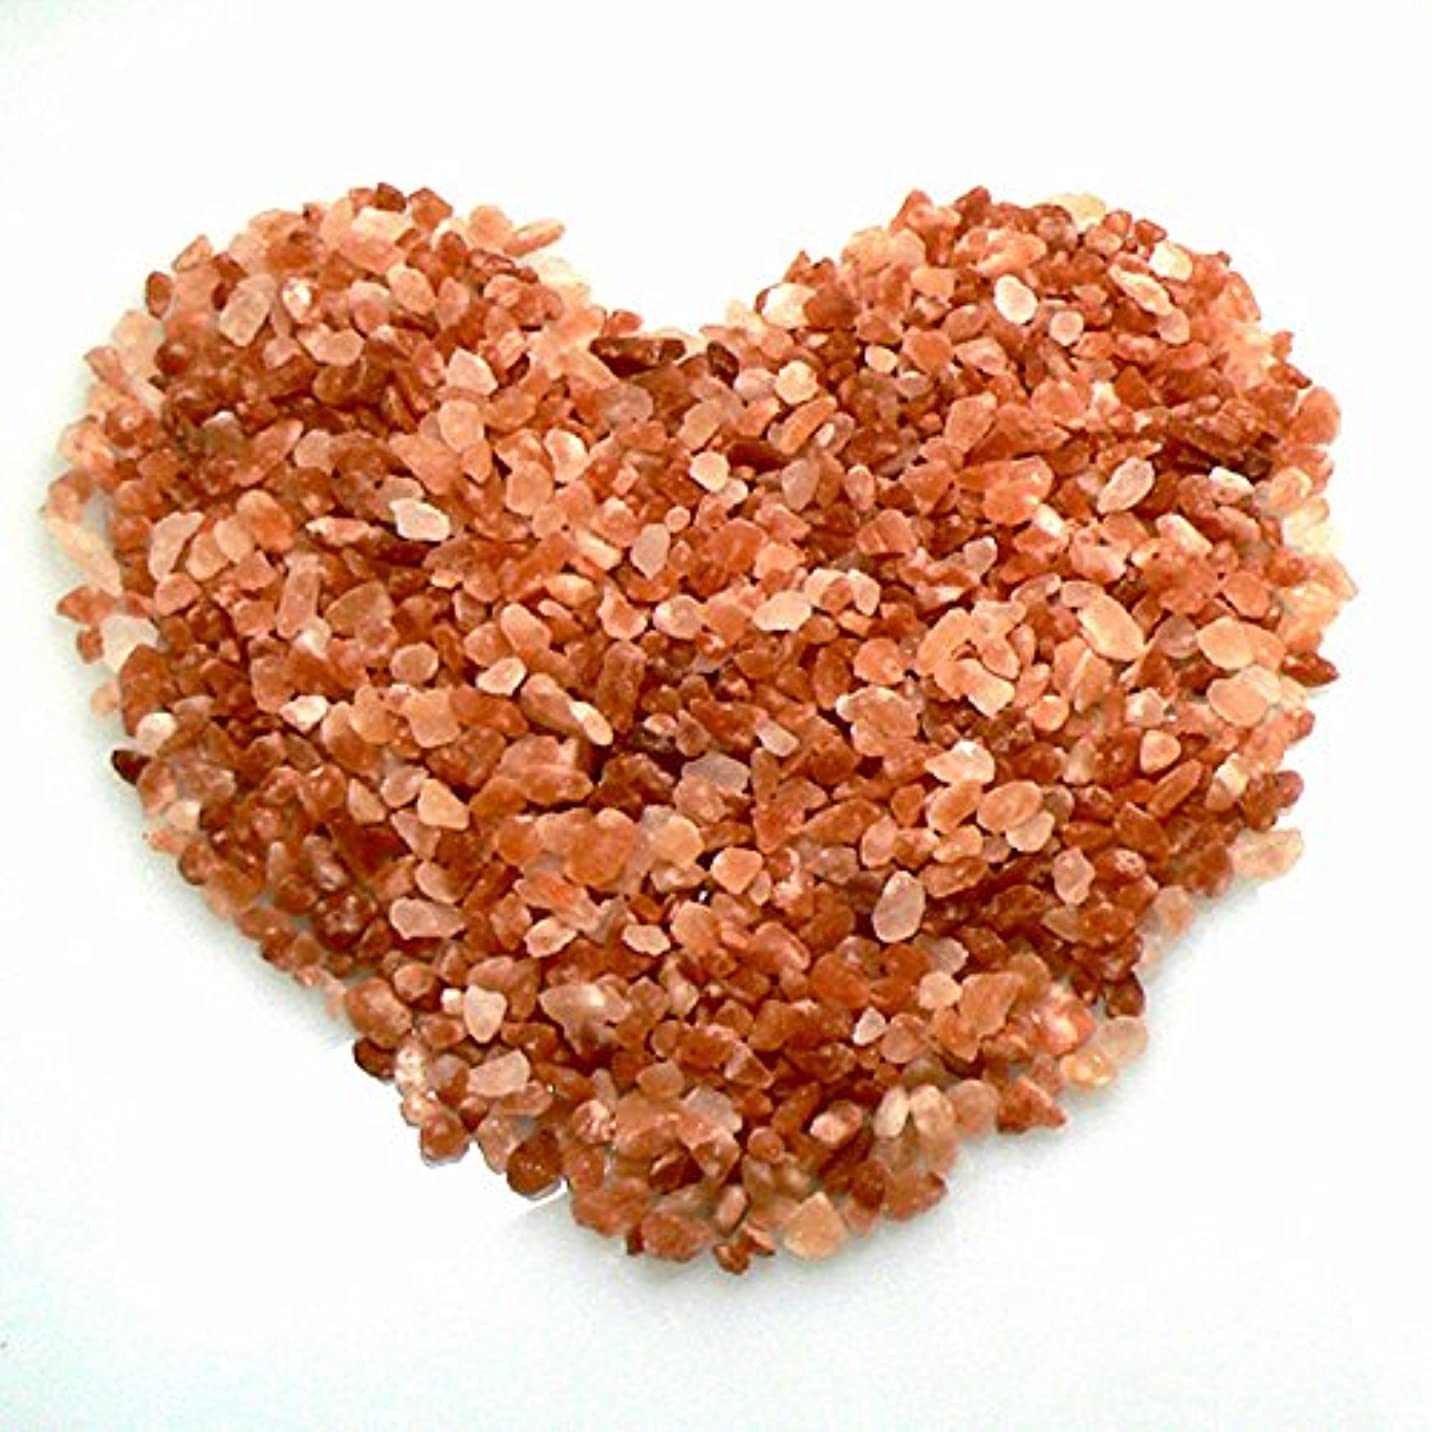 フェンスキャンディースマートヒマラヤ岩塩 ピンクソルト 入浴用 バスソルト(小粒)5kg ピンク岩塩